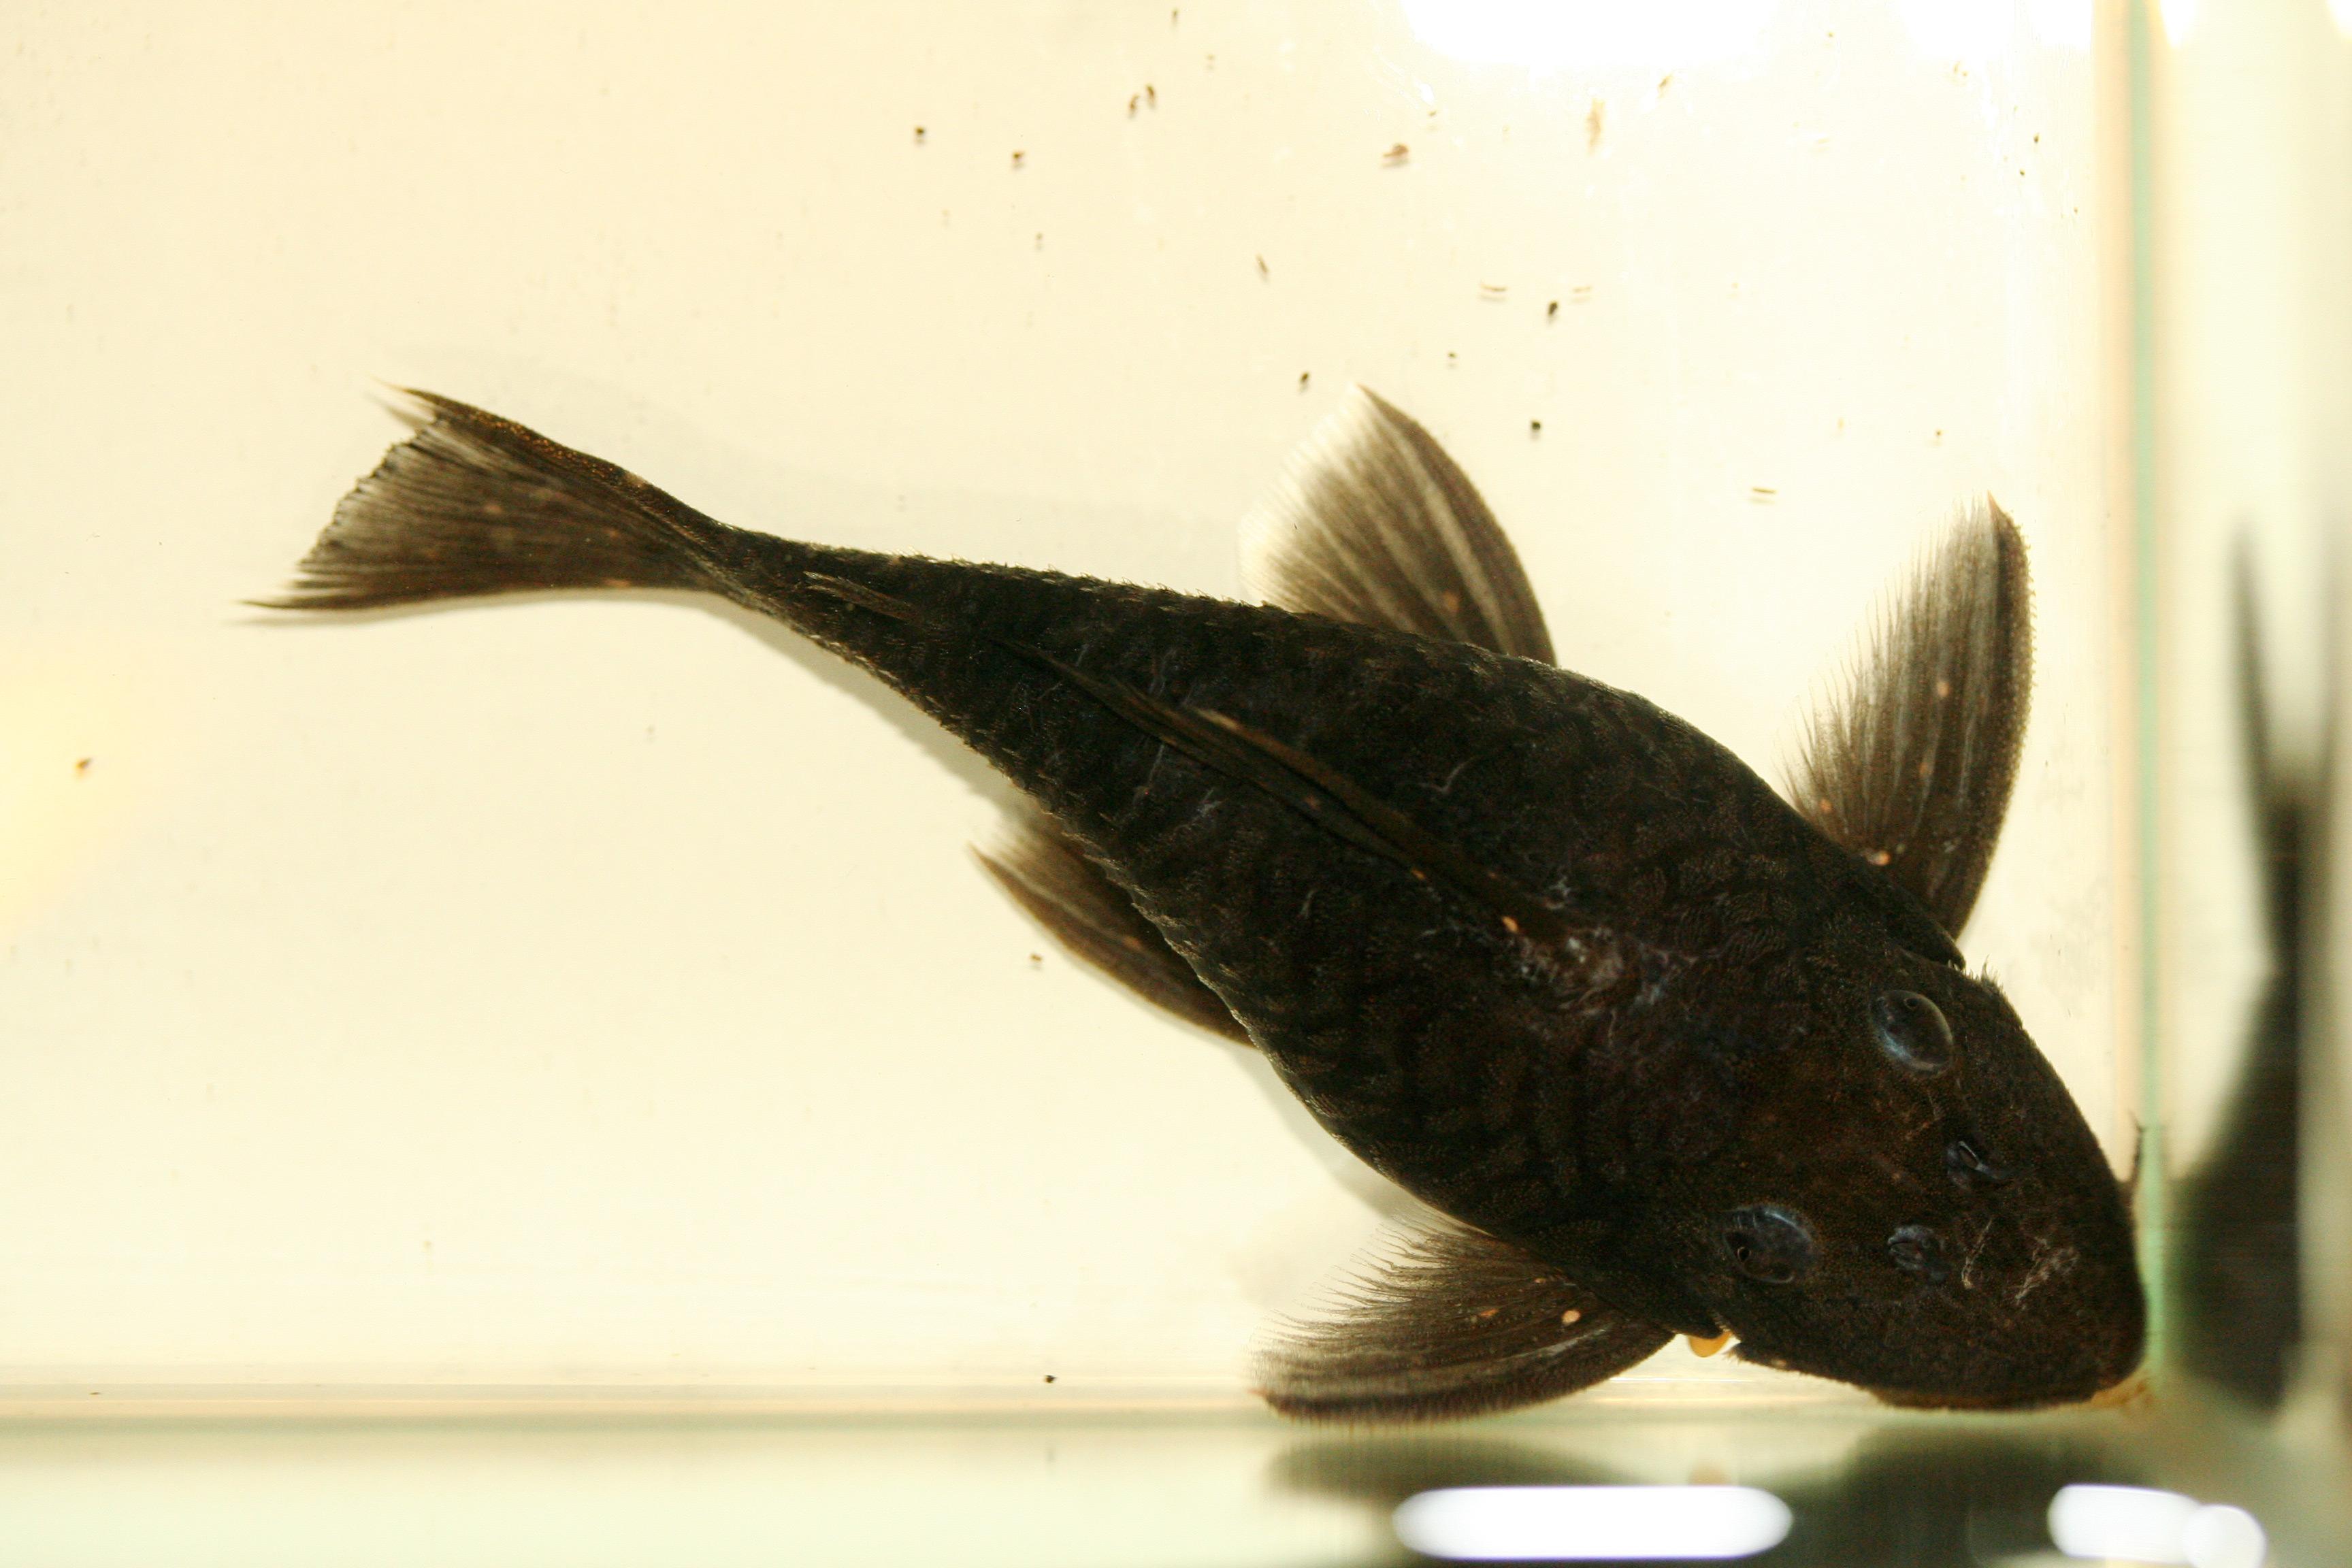 Leporacanthicus sp. L241, female